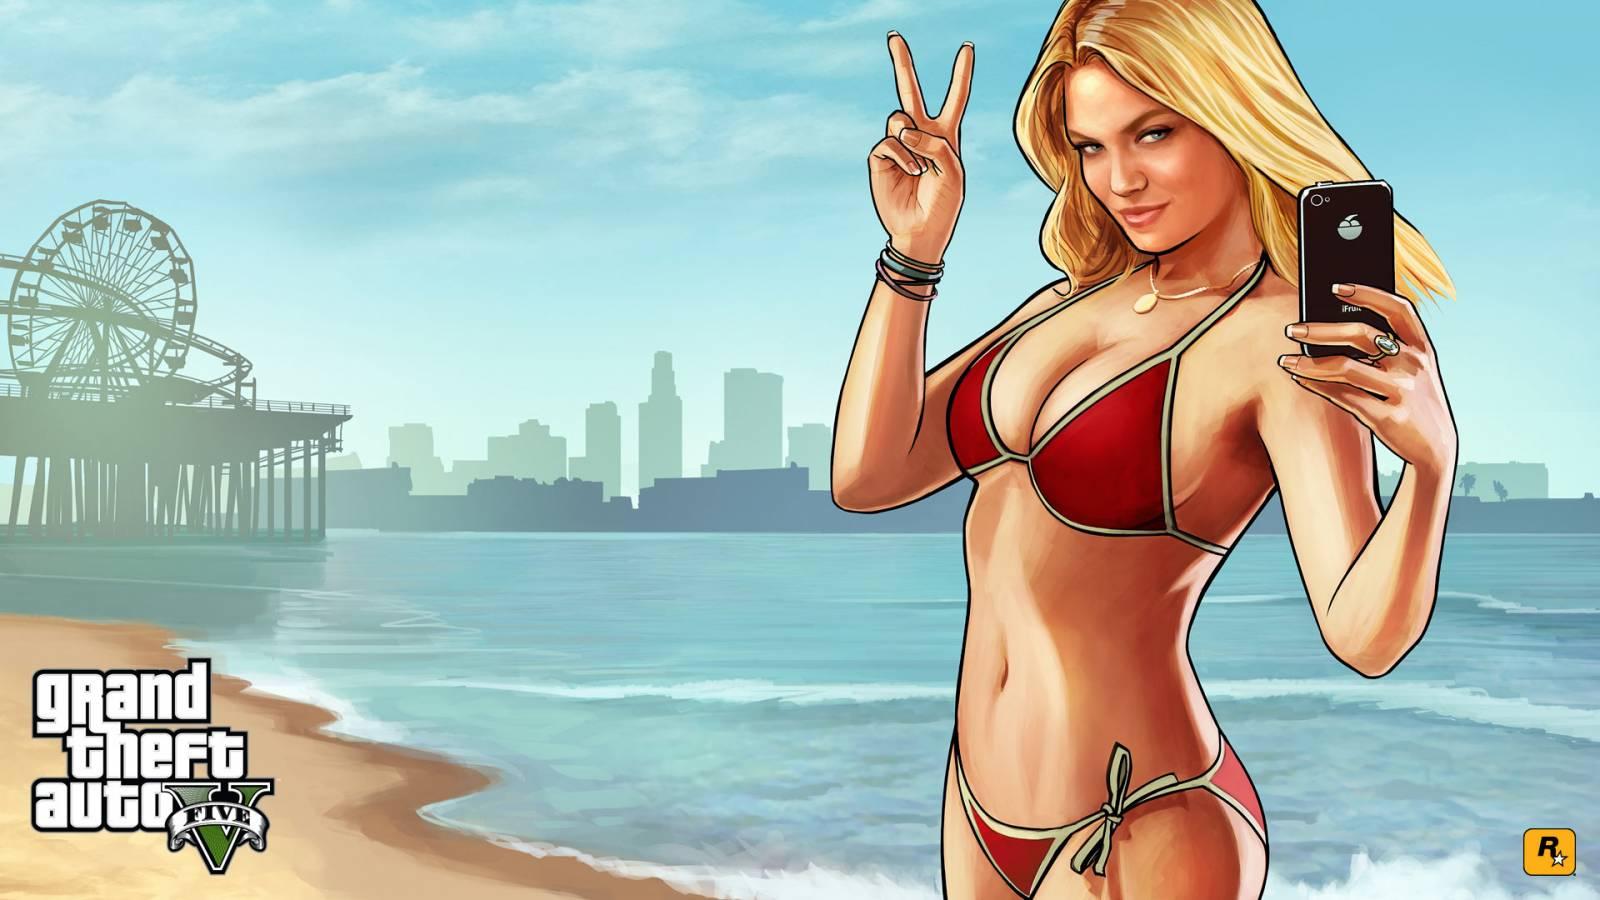 Да, героем, главного персонажа игры GTA 5 врятли можно назвать. Как и персонажей всех предыдущих частей, ведь это вс .... - Изображение 3